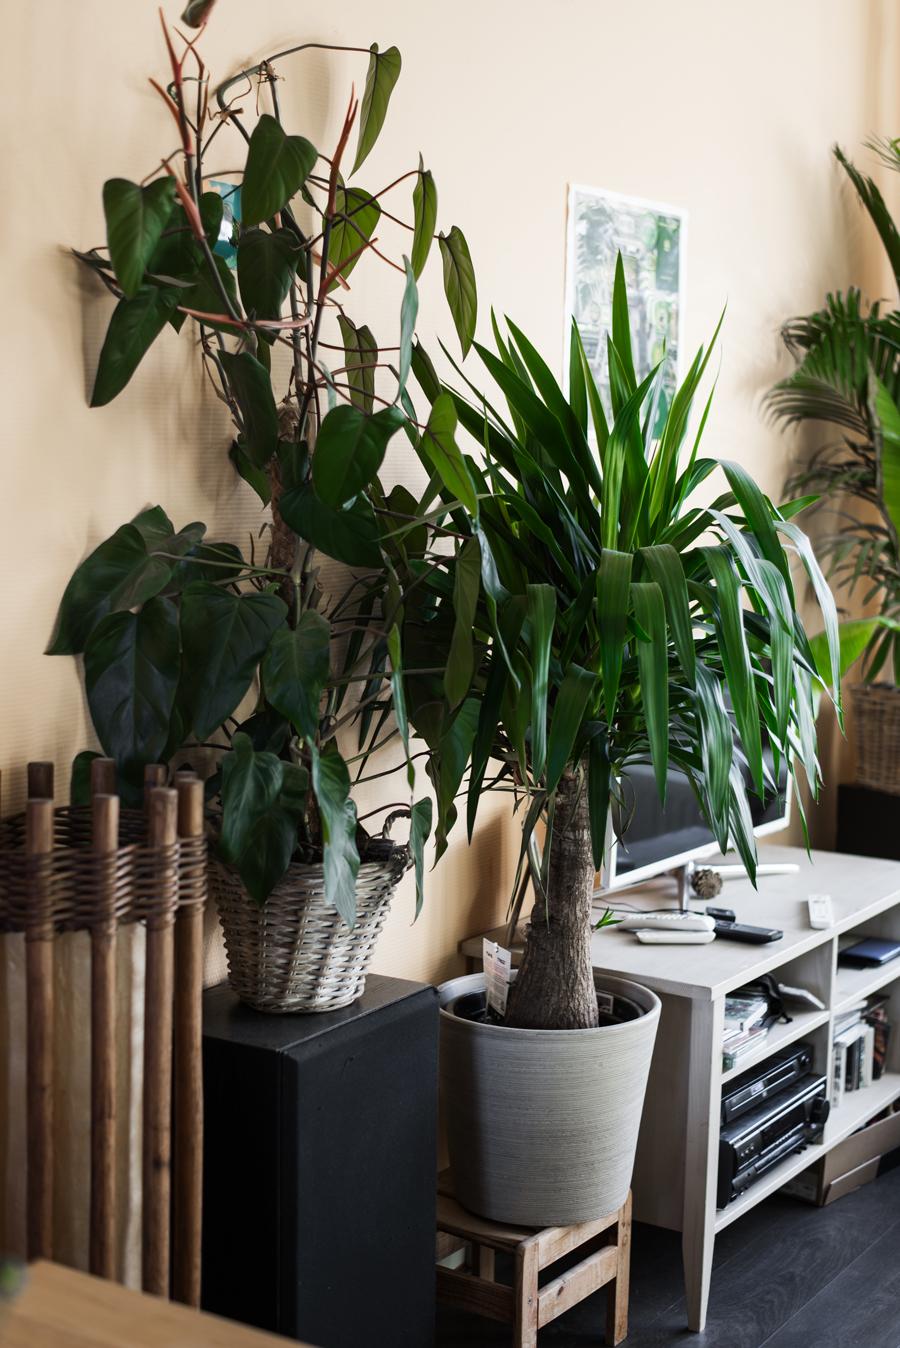 Zimmerpflanzen in grauen Töpfen vor gelber Wand